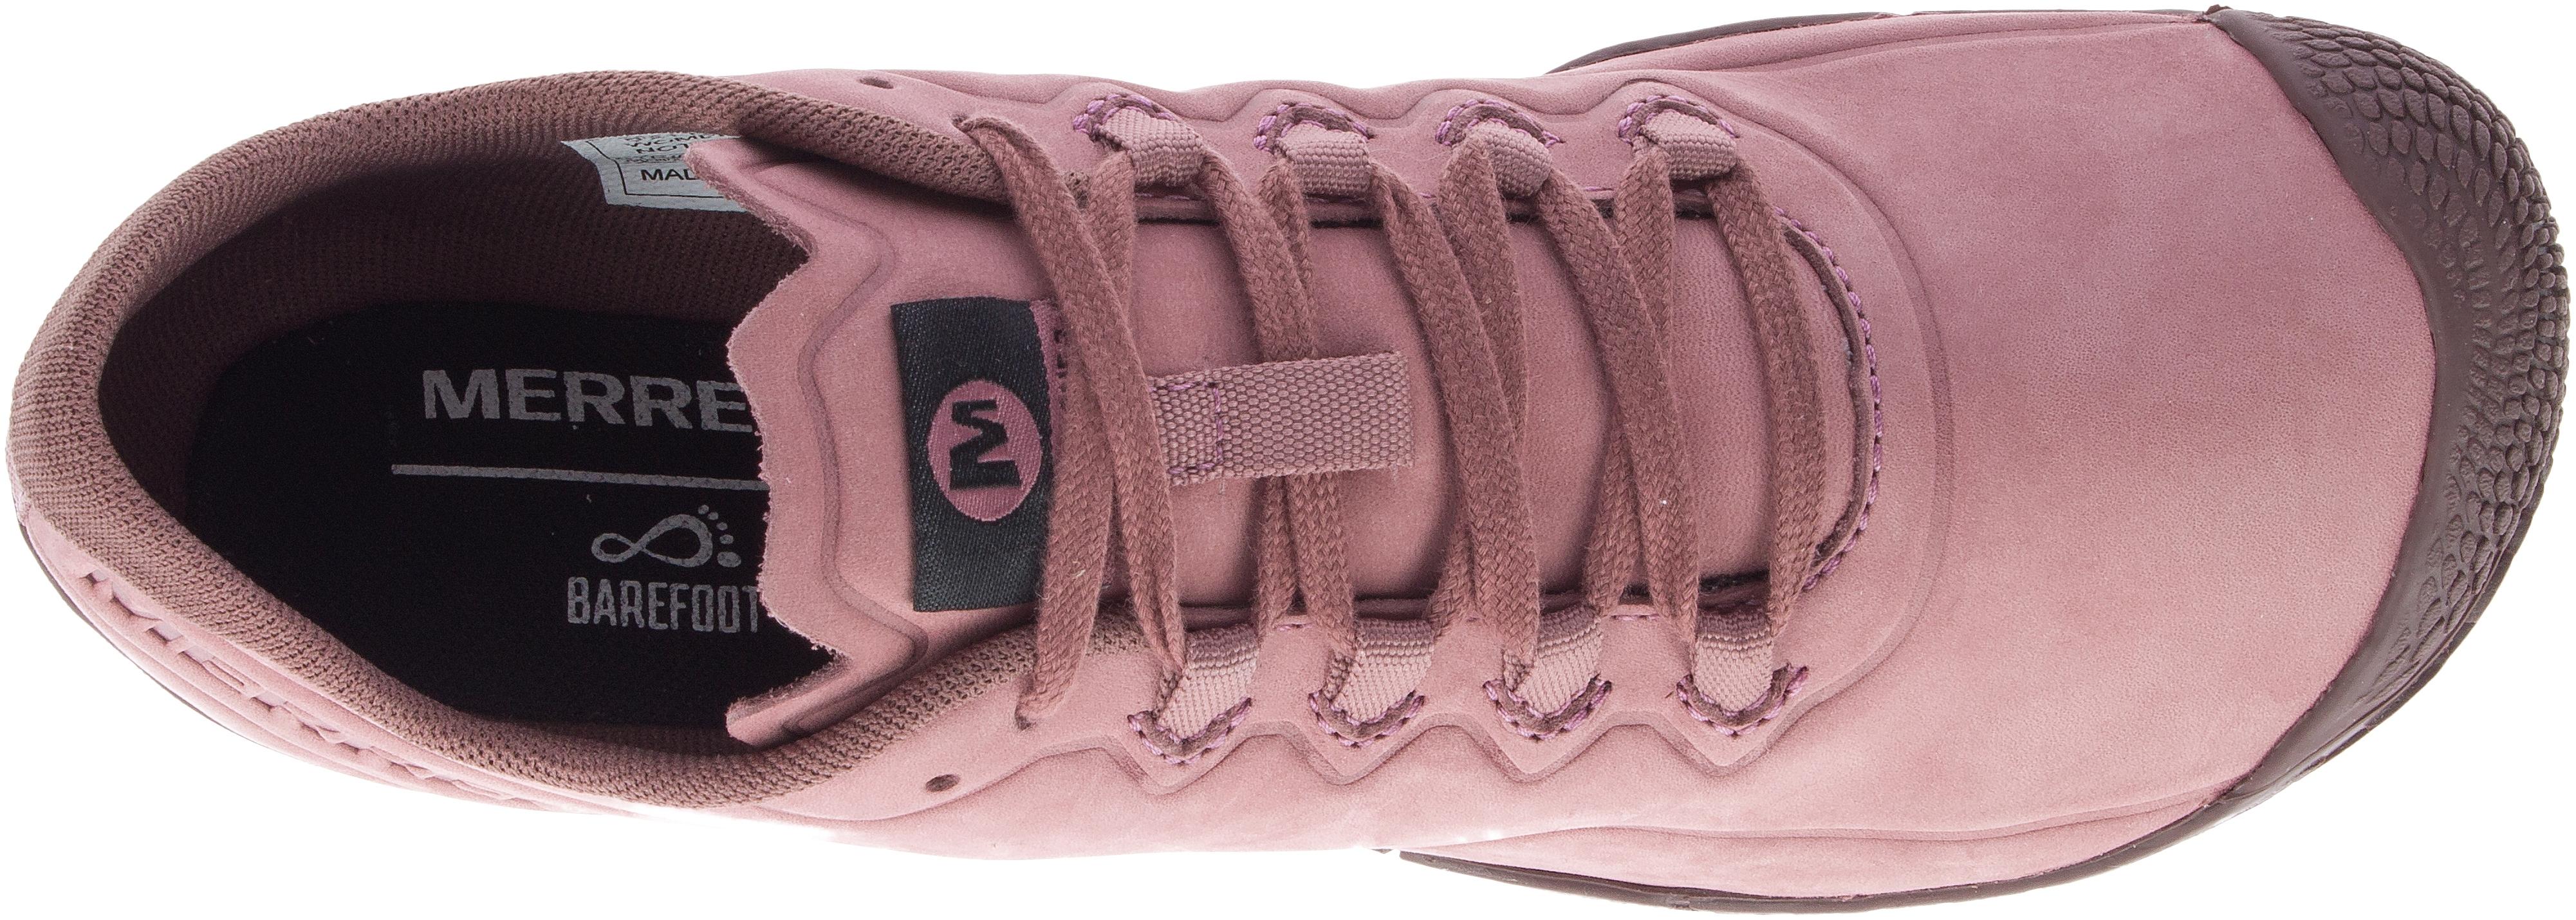 Vapor Glove Luna 3 Leather, Burlwood